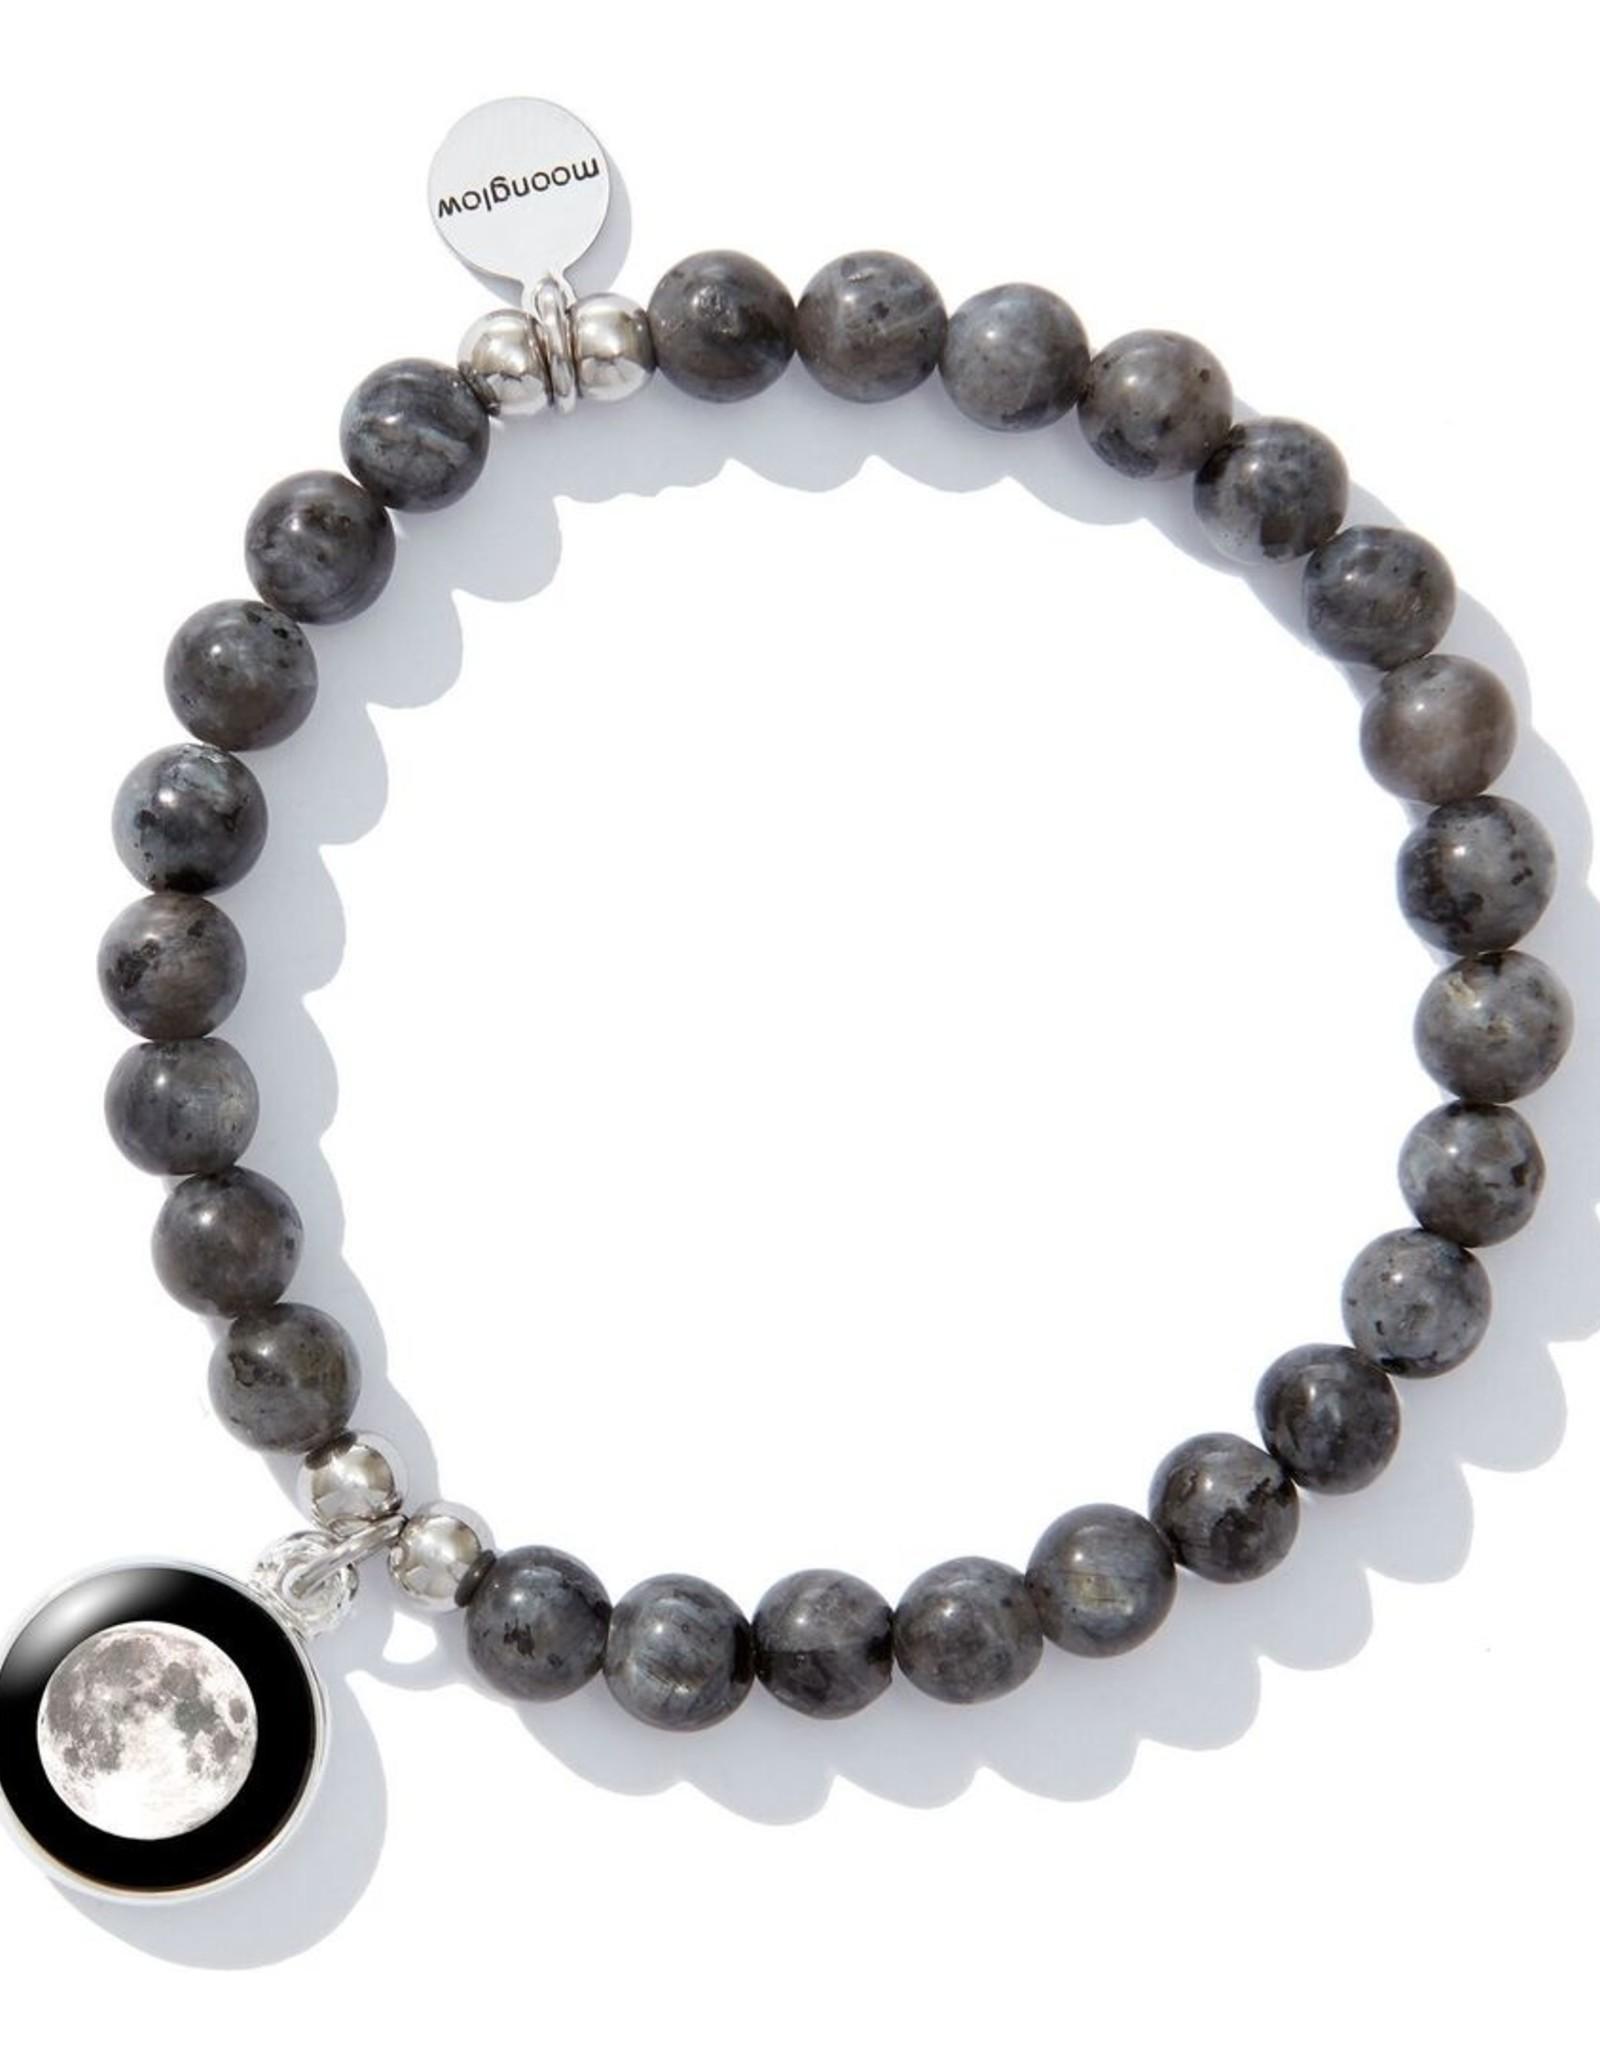 Moonglow Labradorite Beaded Bracelet (DC)